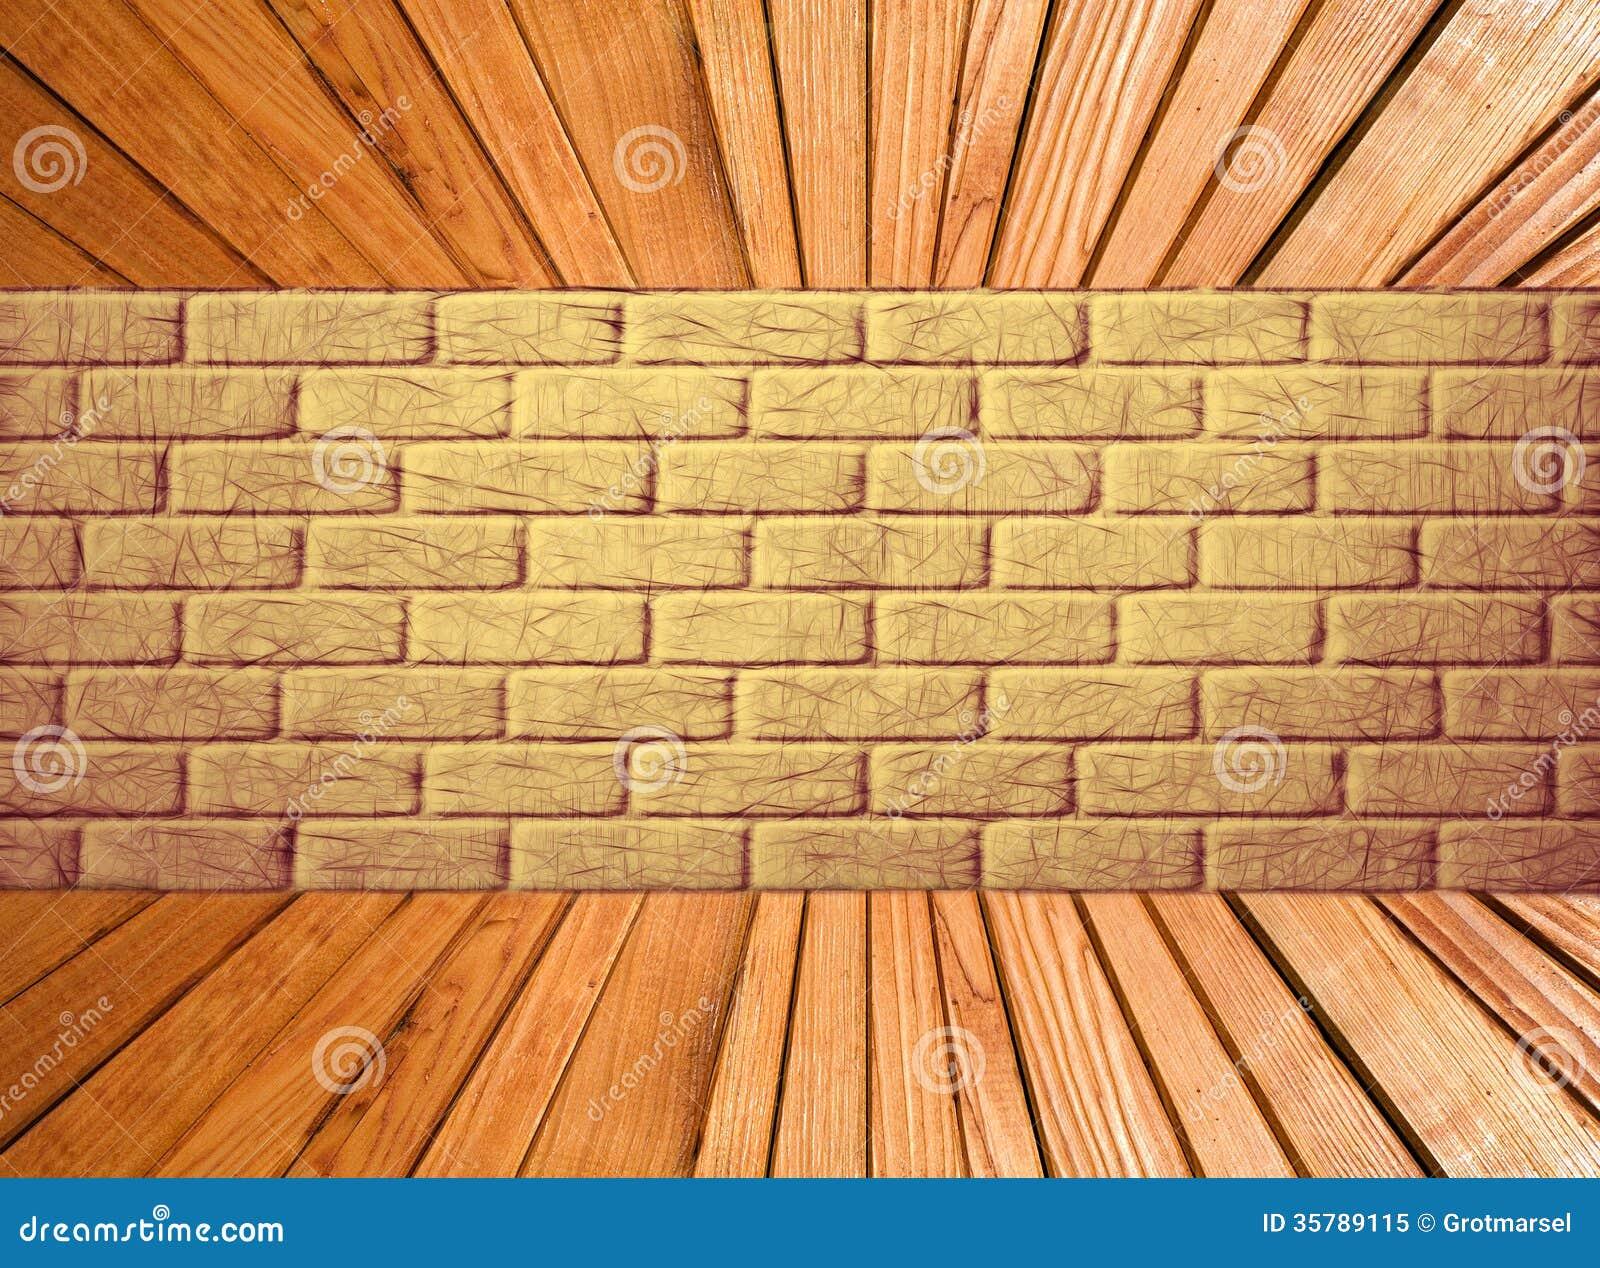 Mur de briques jaune et perspective en bois de plancher de planche illustration stock - Planche a dessin en bois ...